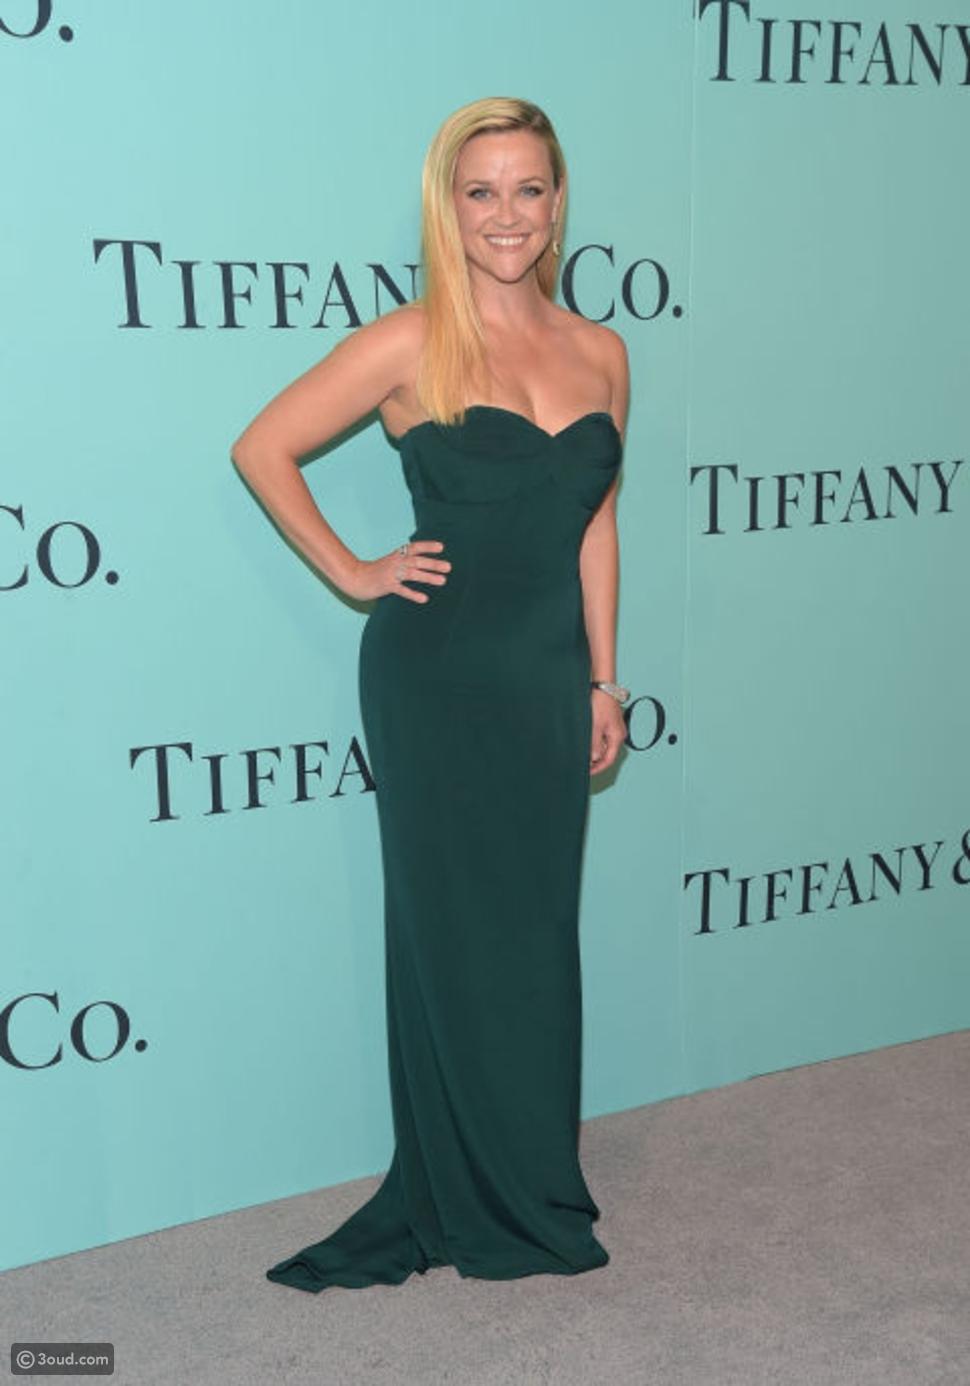 شاهدي أجمل إطلالات المشاهير في حفل إطلاق مجموعة Tiffany & Co.